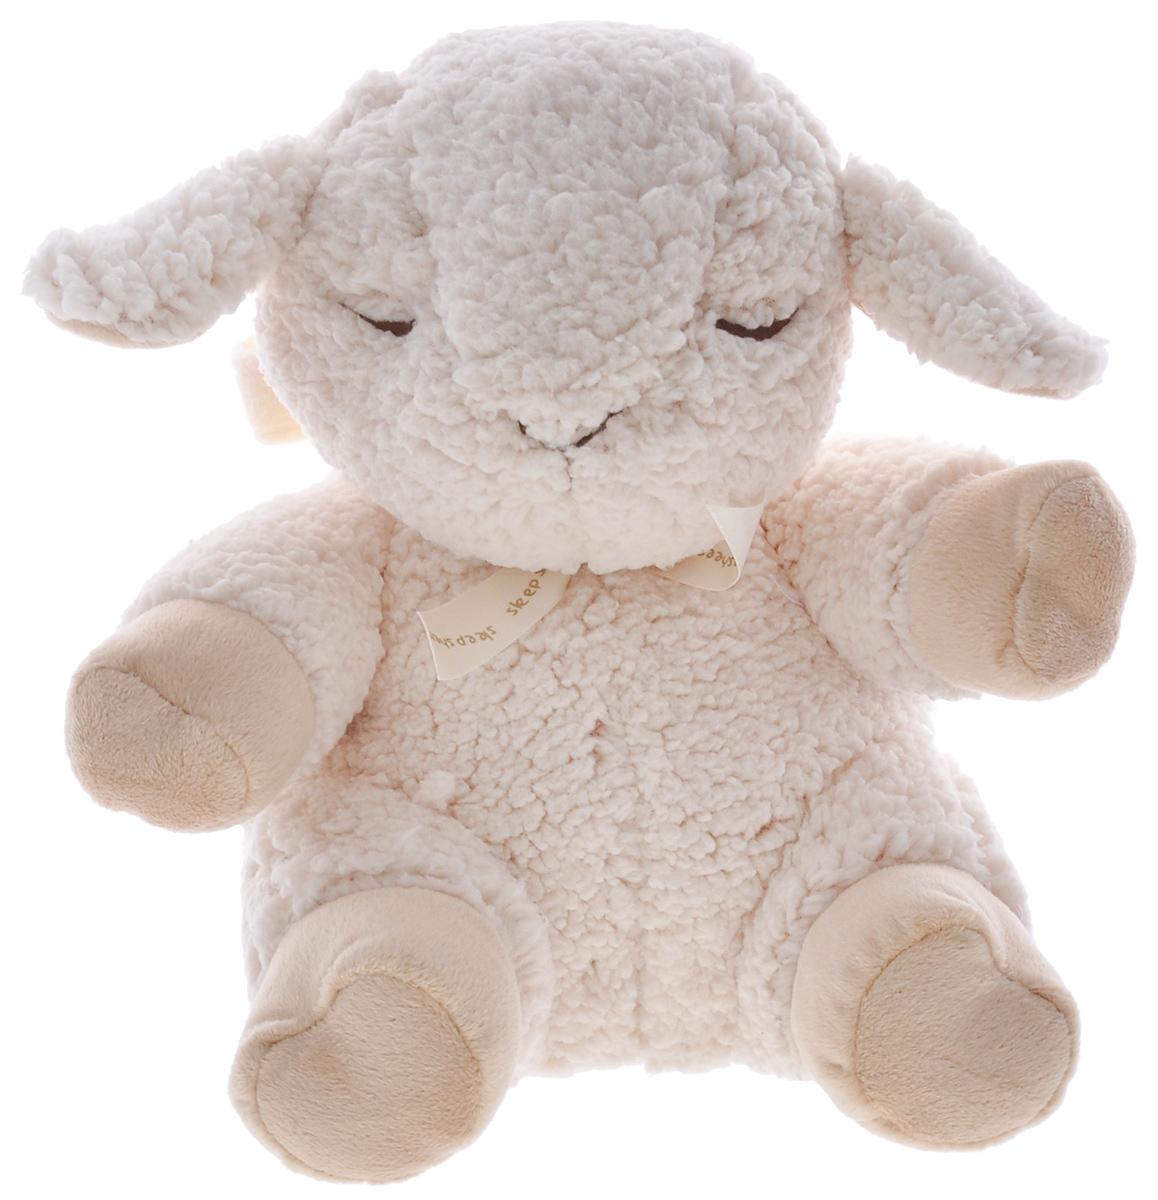 Cloud B Мягкая музыкальная игрушка Сонная Овечка7303-Z8-RUМузыкальная игрушка Сонная овечка с сенсором поможет родителям даже глубокой ночью. Игрушка выполнена в виде мягкой спящей овечки. Игрушка может воспроизводить 8 звуков и мелодий, специально подобранных для спокойного сна ребенка. Игрушка легко крепится к кроватке или коляске с помощью специальной петельки- липучки. Музыкальный блок управления помещается внутрь корпуса овечки и легко вынимается. Игрушка оснащена таймером: автоматически выключается после 23 или 45 минут работы. Мелодии и звуки: Материнское сердцебиение. Twinkie-Twinkie Little Star Весенний дождик. Roskabye Baby. Шум океана. Классическая колыбельная. Песня китов. Успокаивающая мелодия. Питание от 2 батареек типа АА (в наборе).